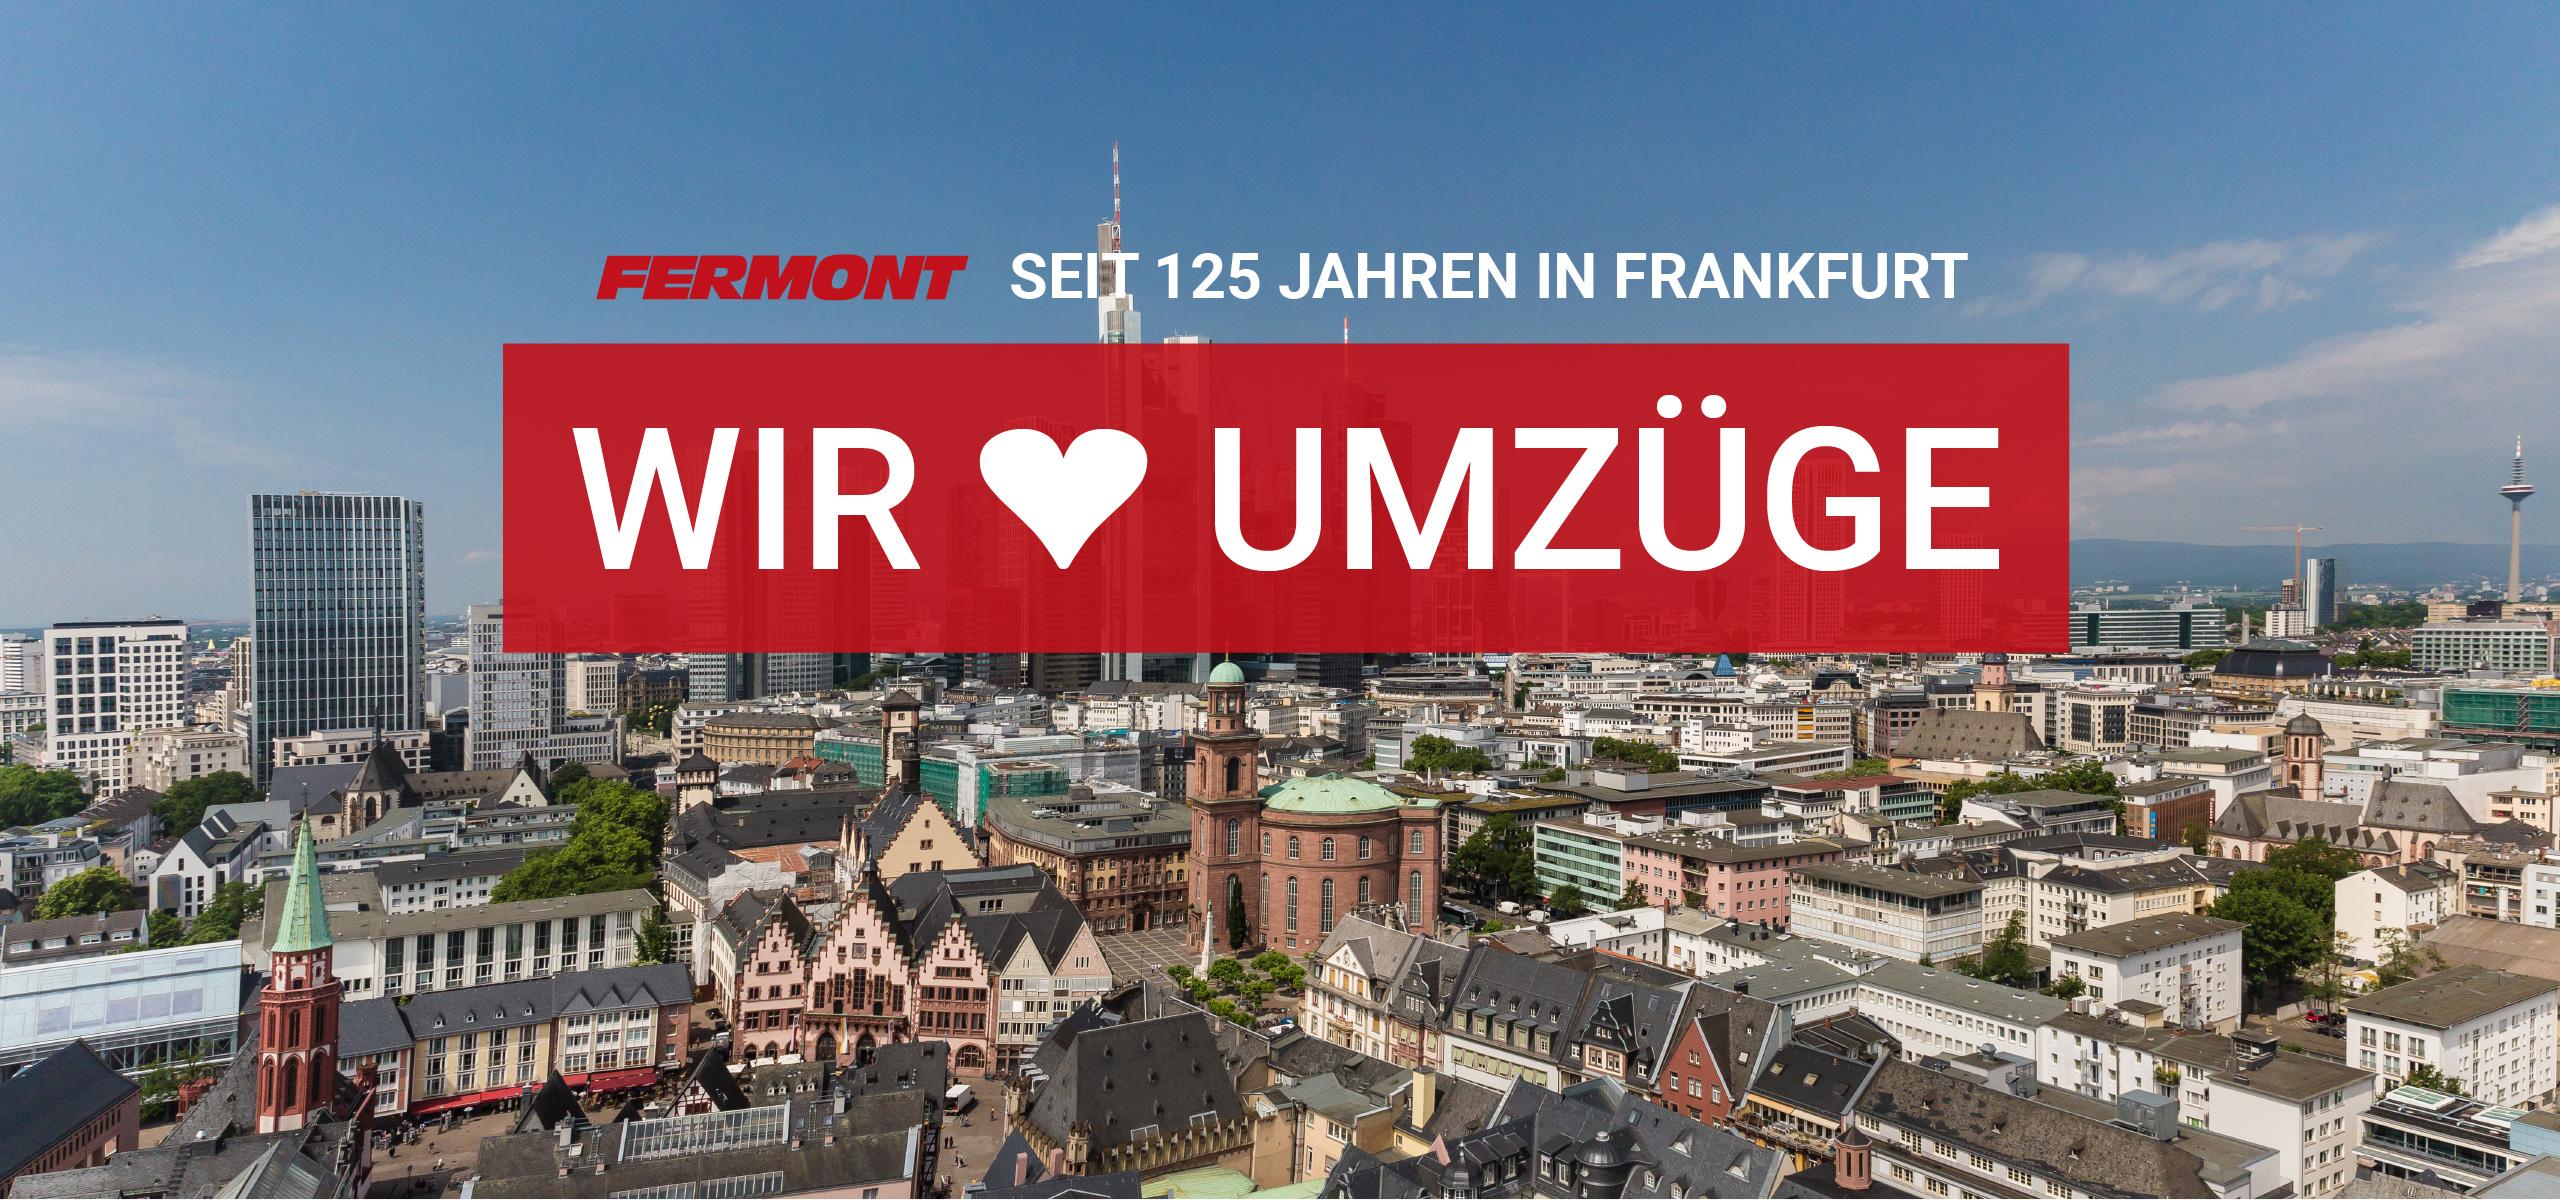 Mühelos umziehen mit Fermont in Frankfurt und international